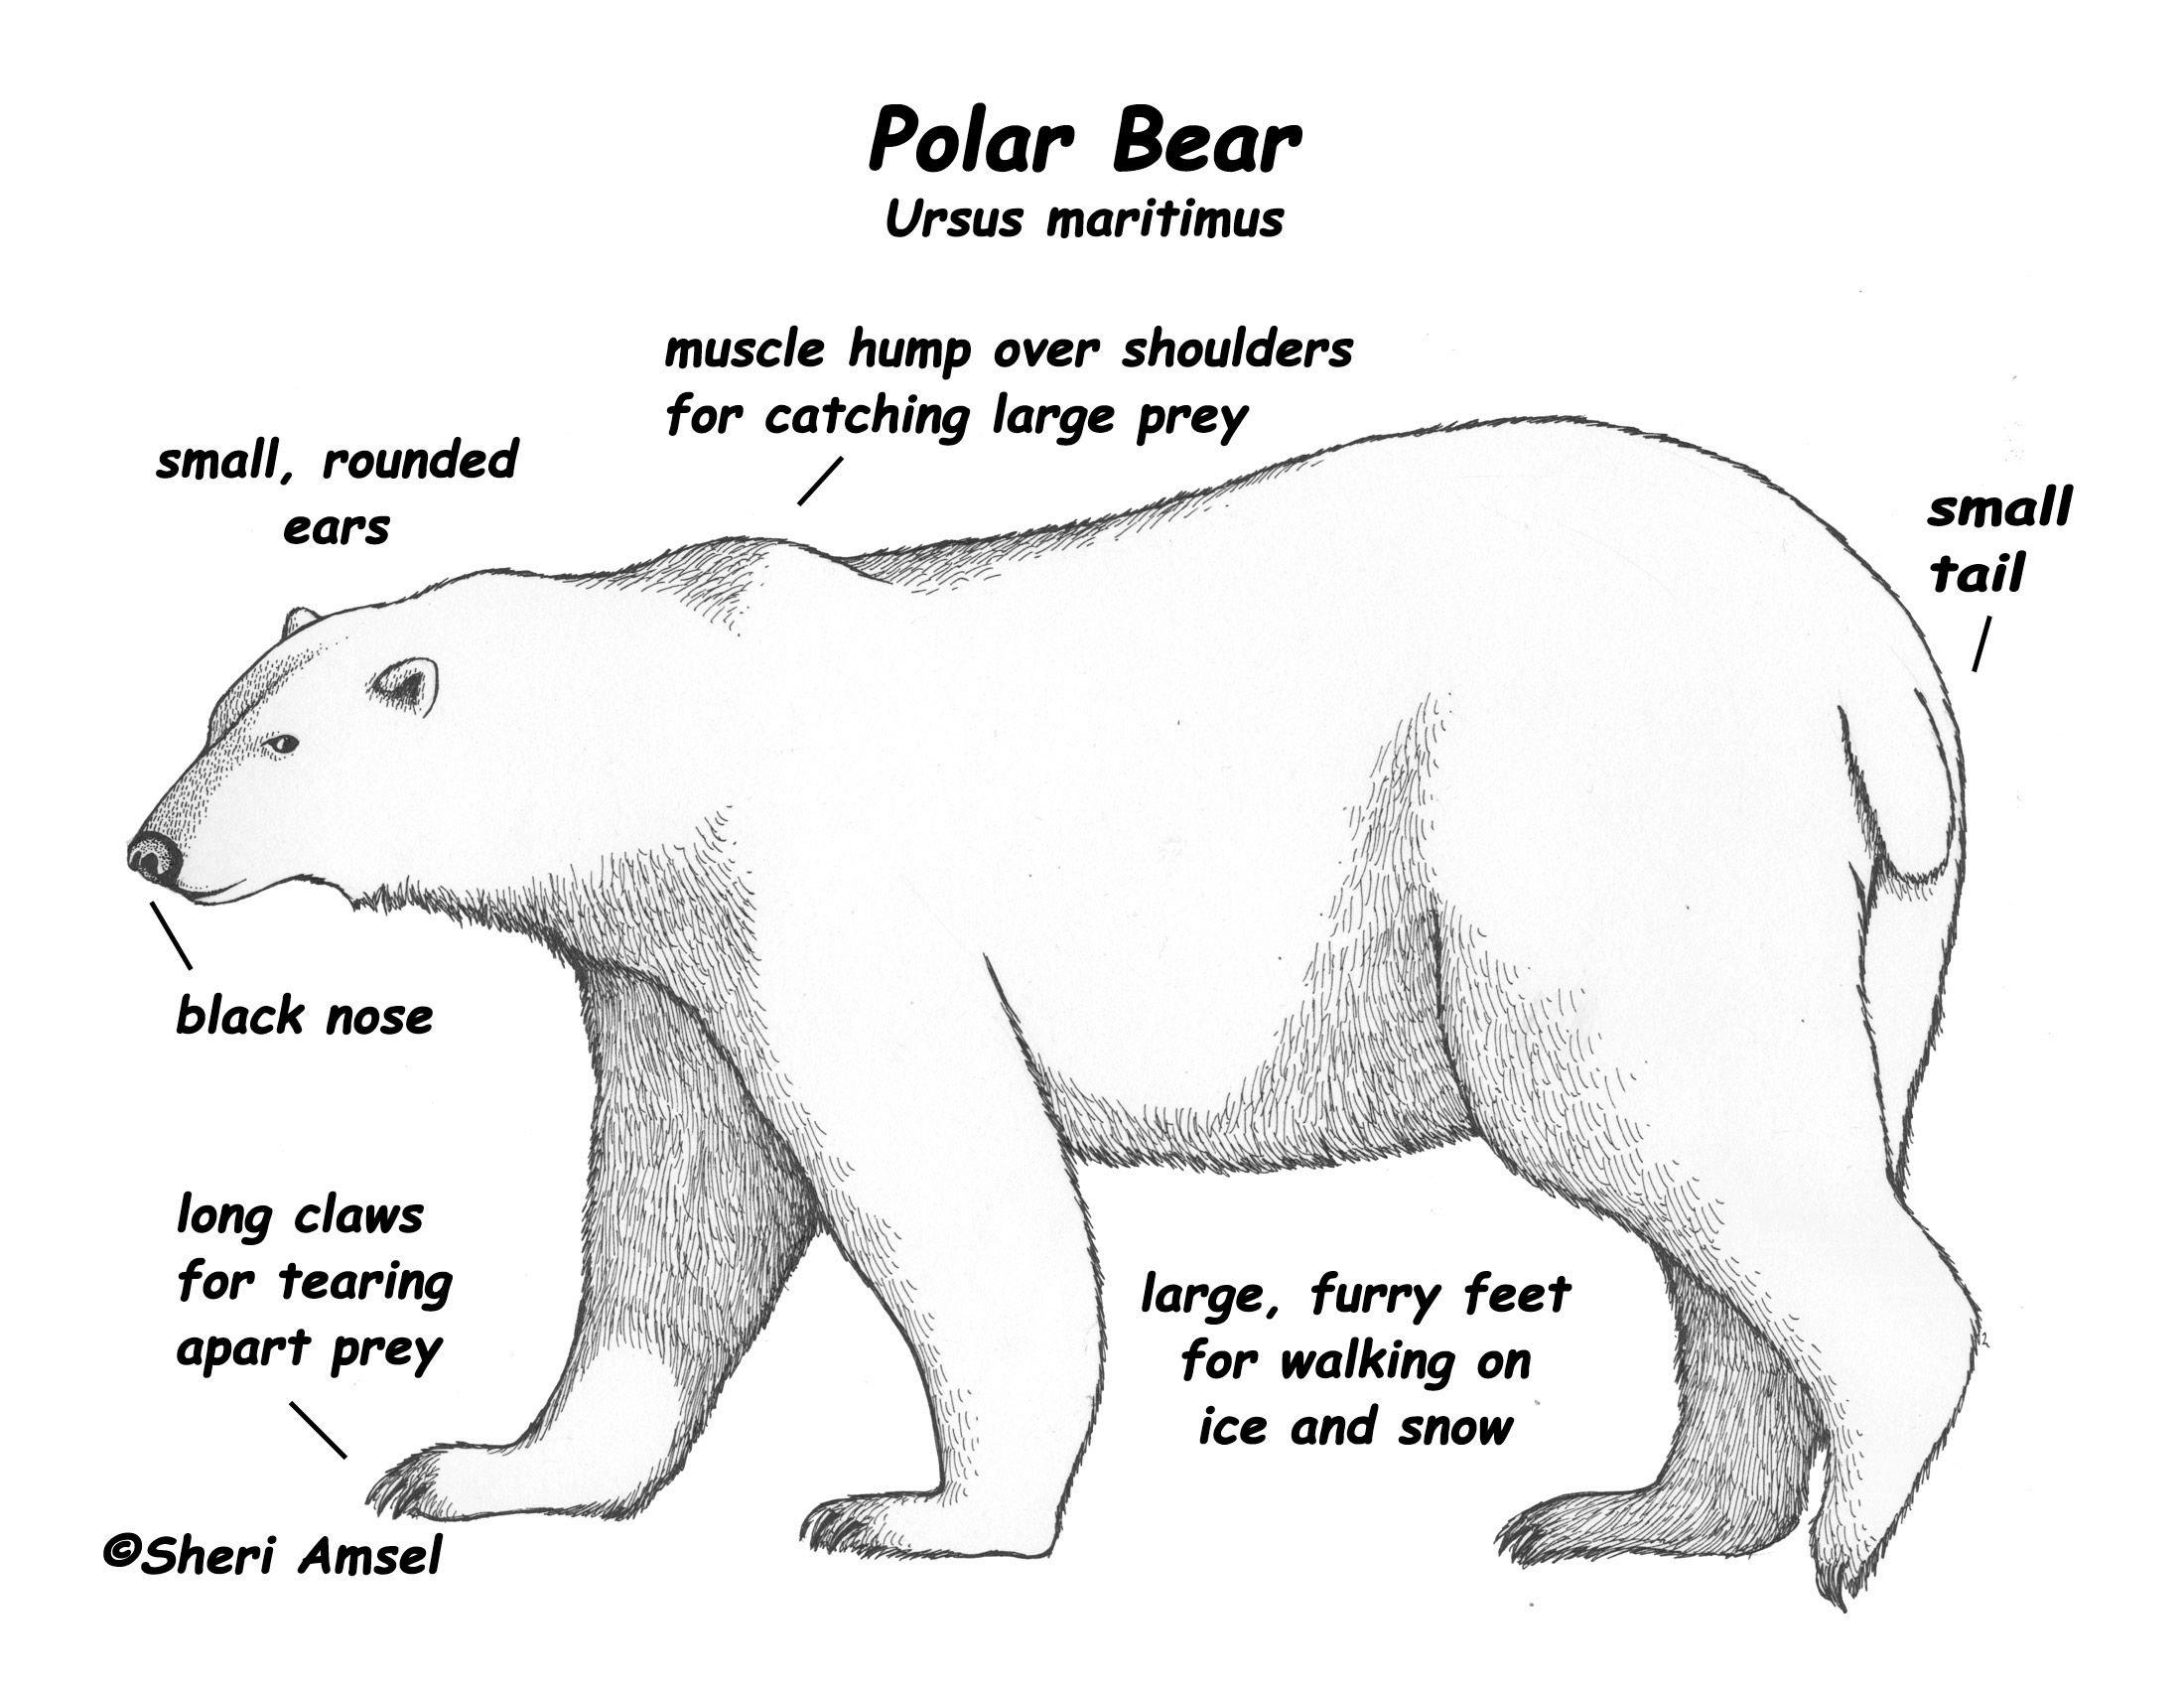 A8ac4d0f77474db867b0d2c167e5f1c8 Jpg 2200 1700 Polar Bear Adaptations Polar Bear Polar Bears Activities